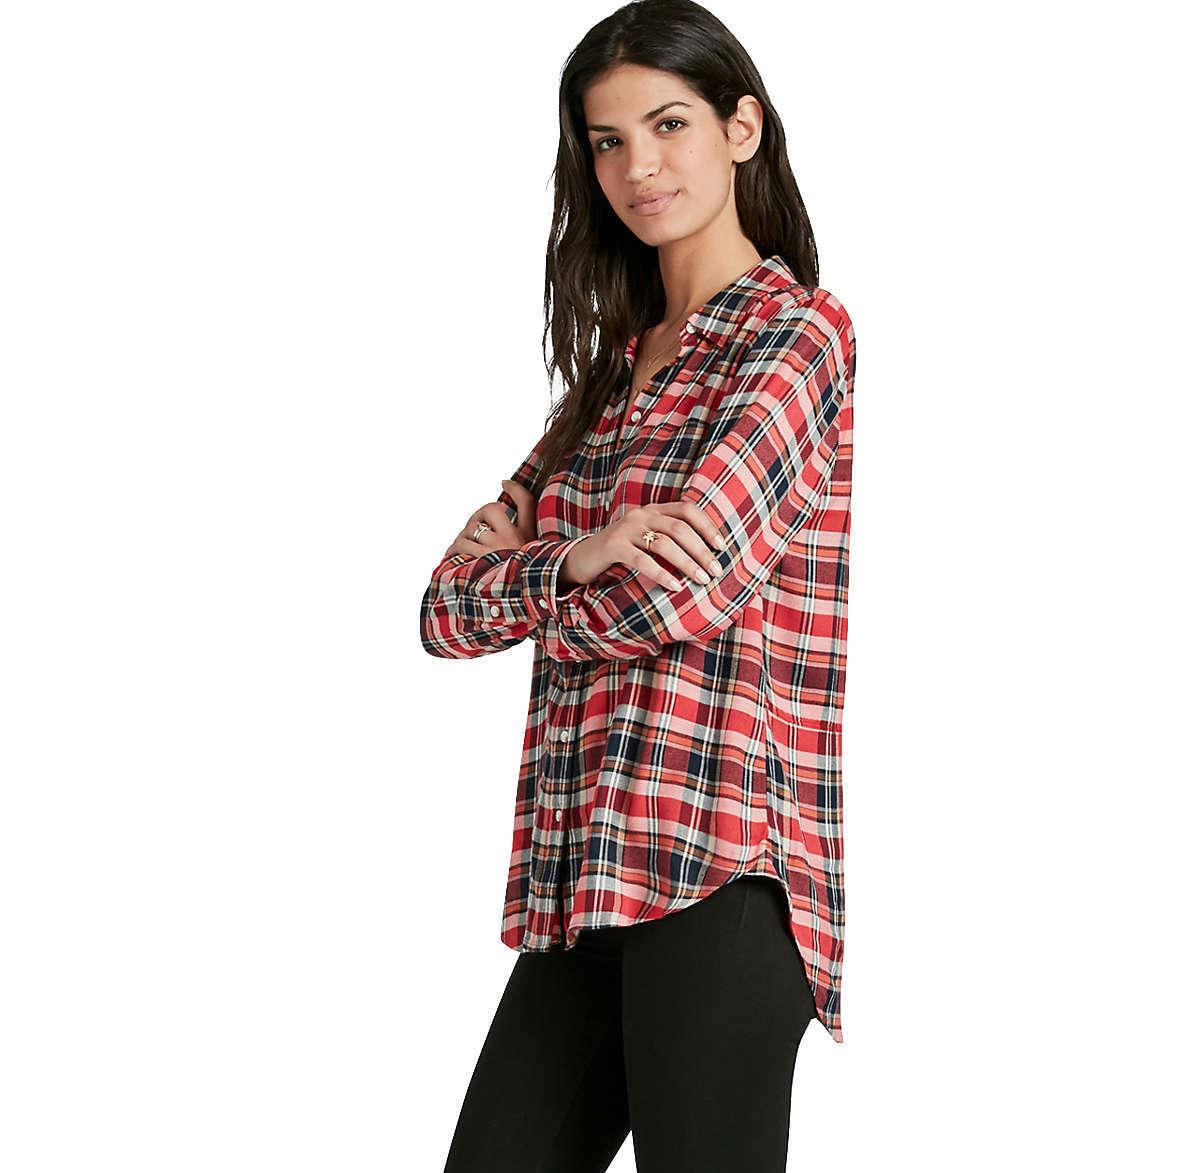 Lucky Brand - Damen XL - Nwt - Rot Kariert Flanell Köperrücken Überzug Hemd